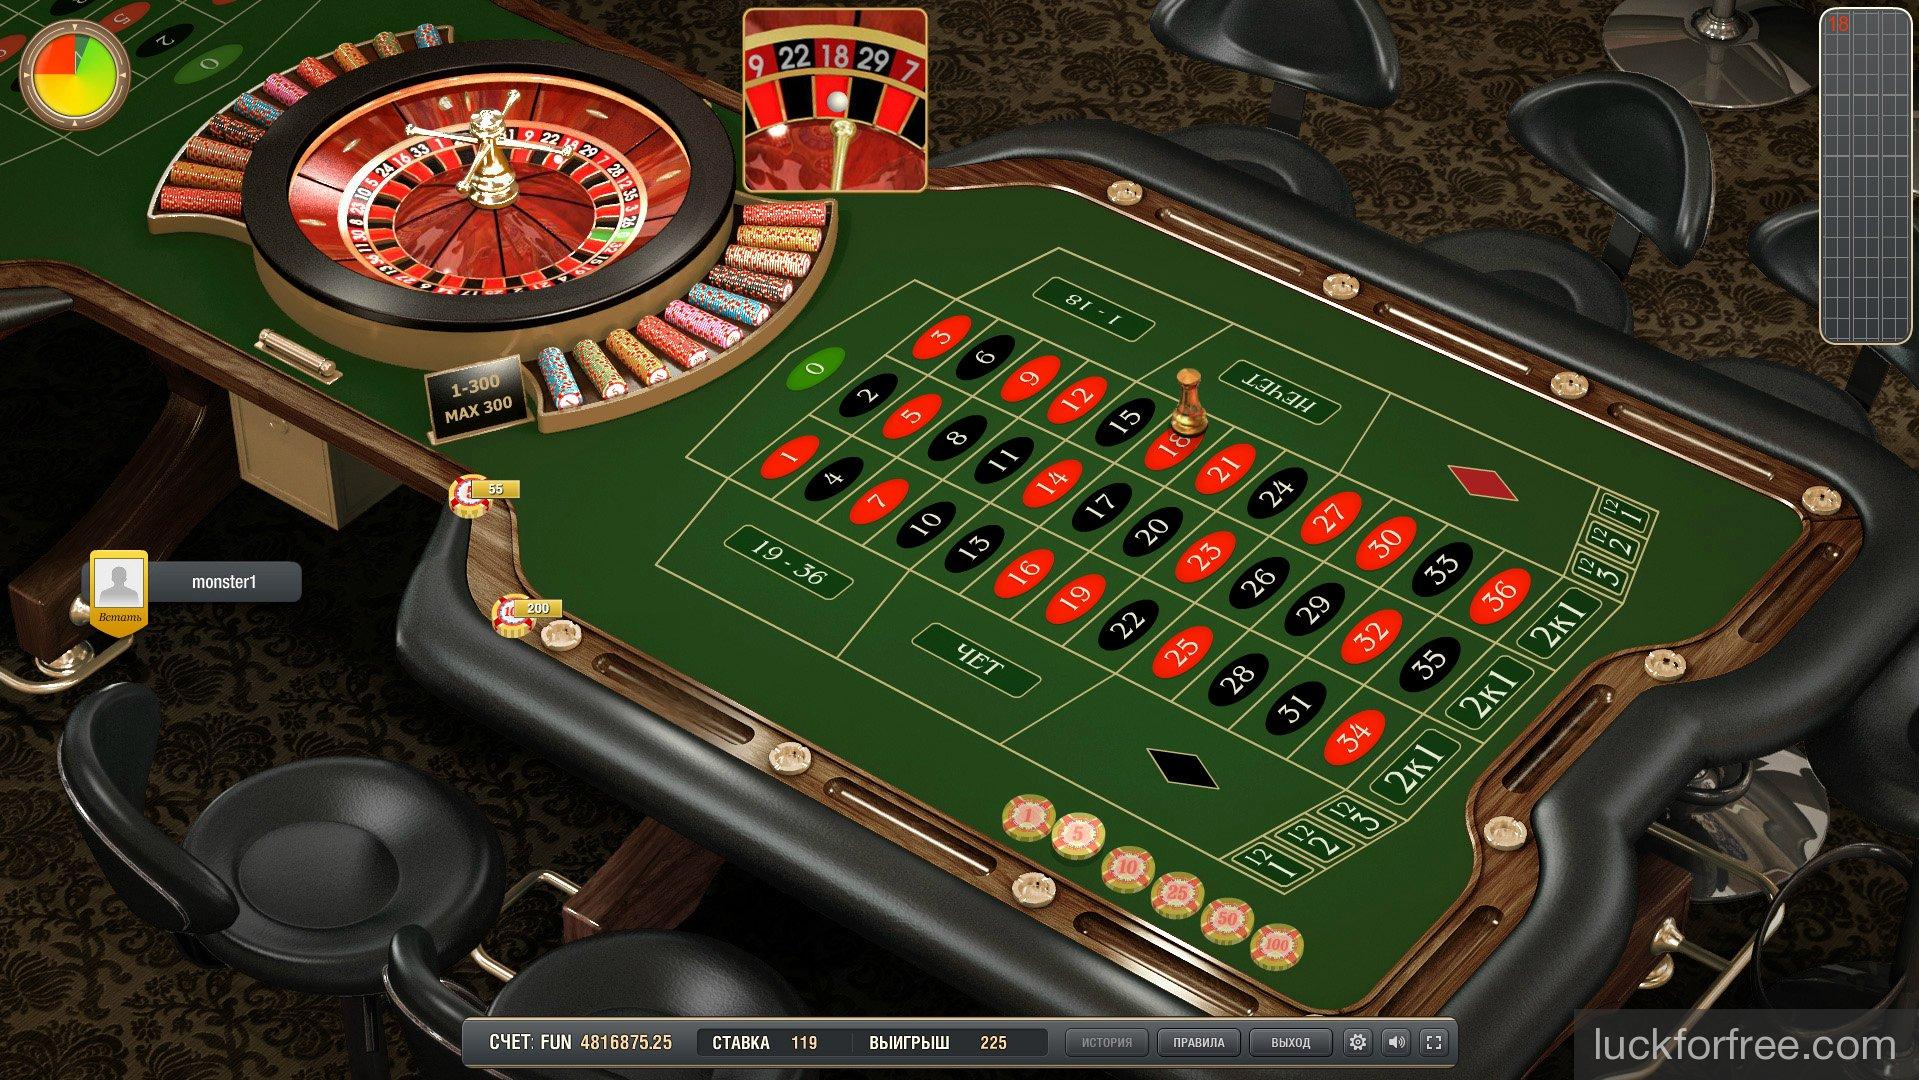 Я в казино фортуне дань оставлю скачать игровые аппараты бесплатные